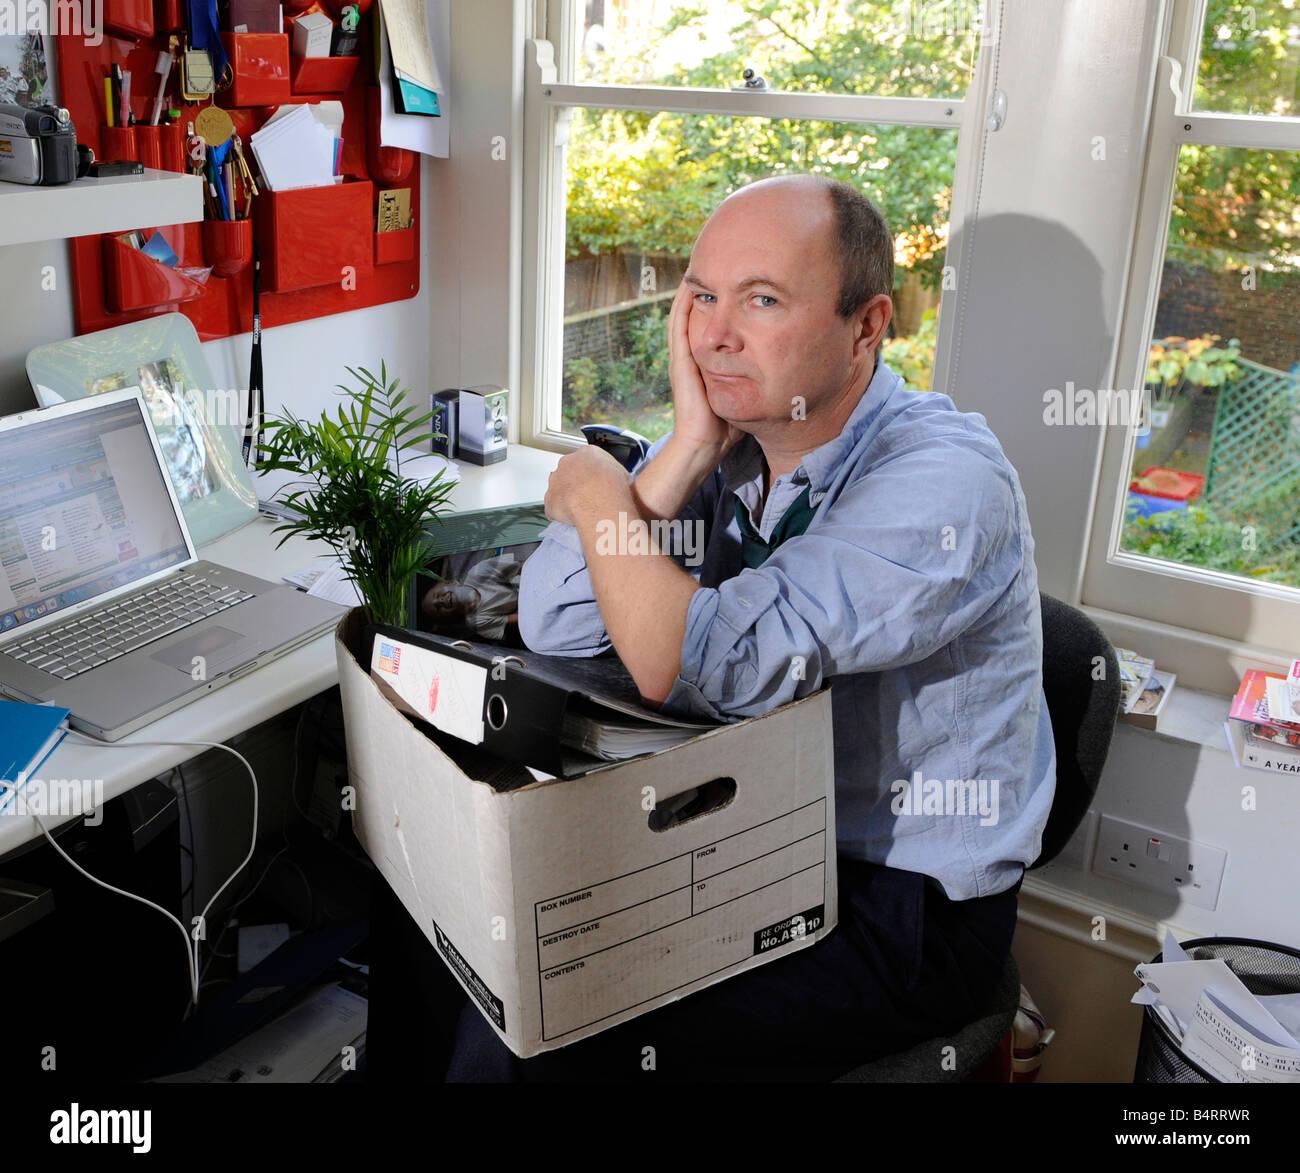 Triste e preoccupato uomo pacchi fino la sua scrivania e beni dopo aver perso il suo lavoro, essendo reso ridondante, Immagini Stock